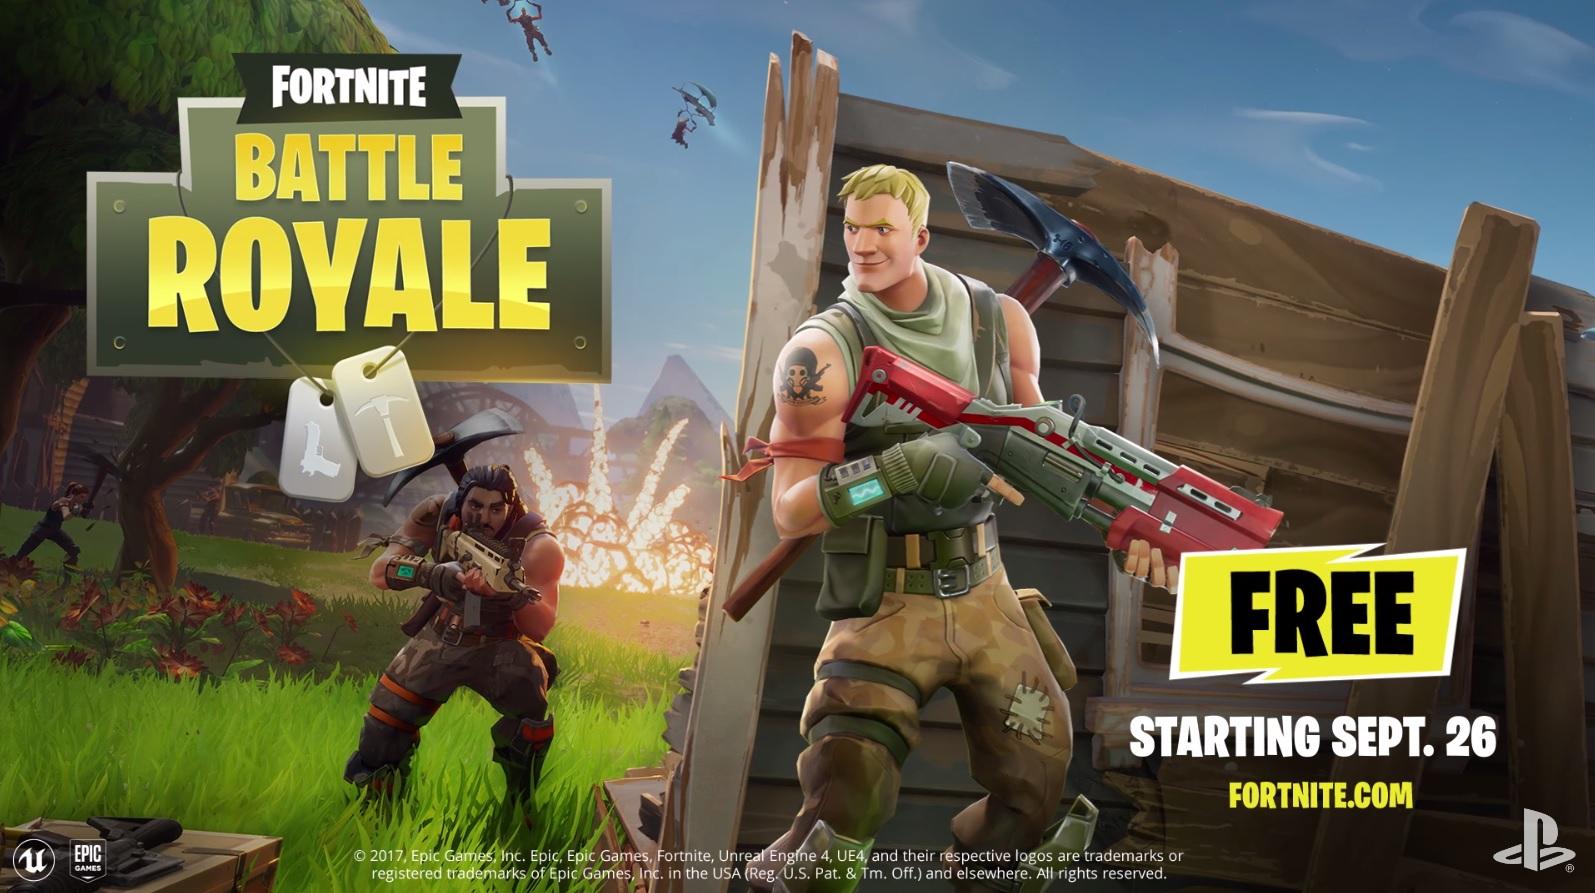 Fortnite Battle Royale Gameplay Trailer - Cramgaming.com